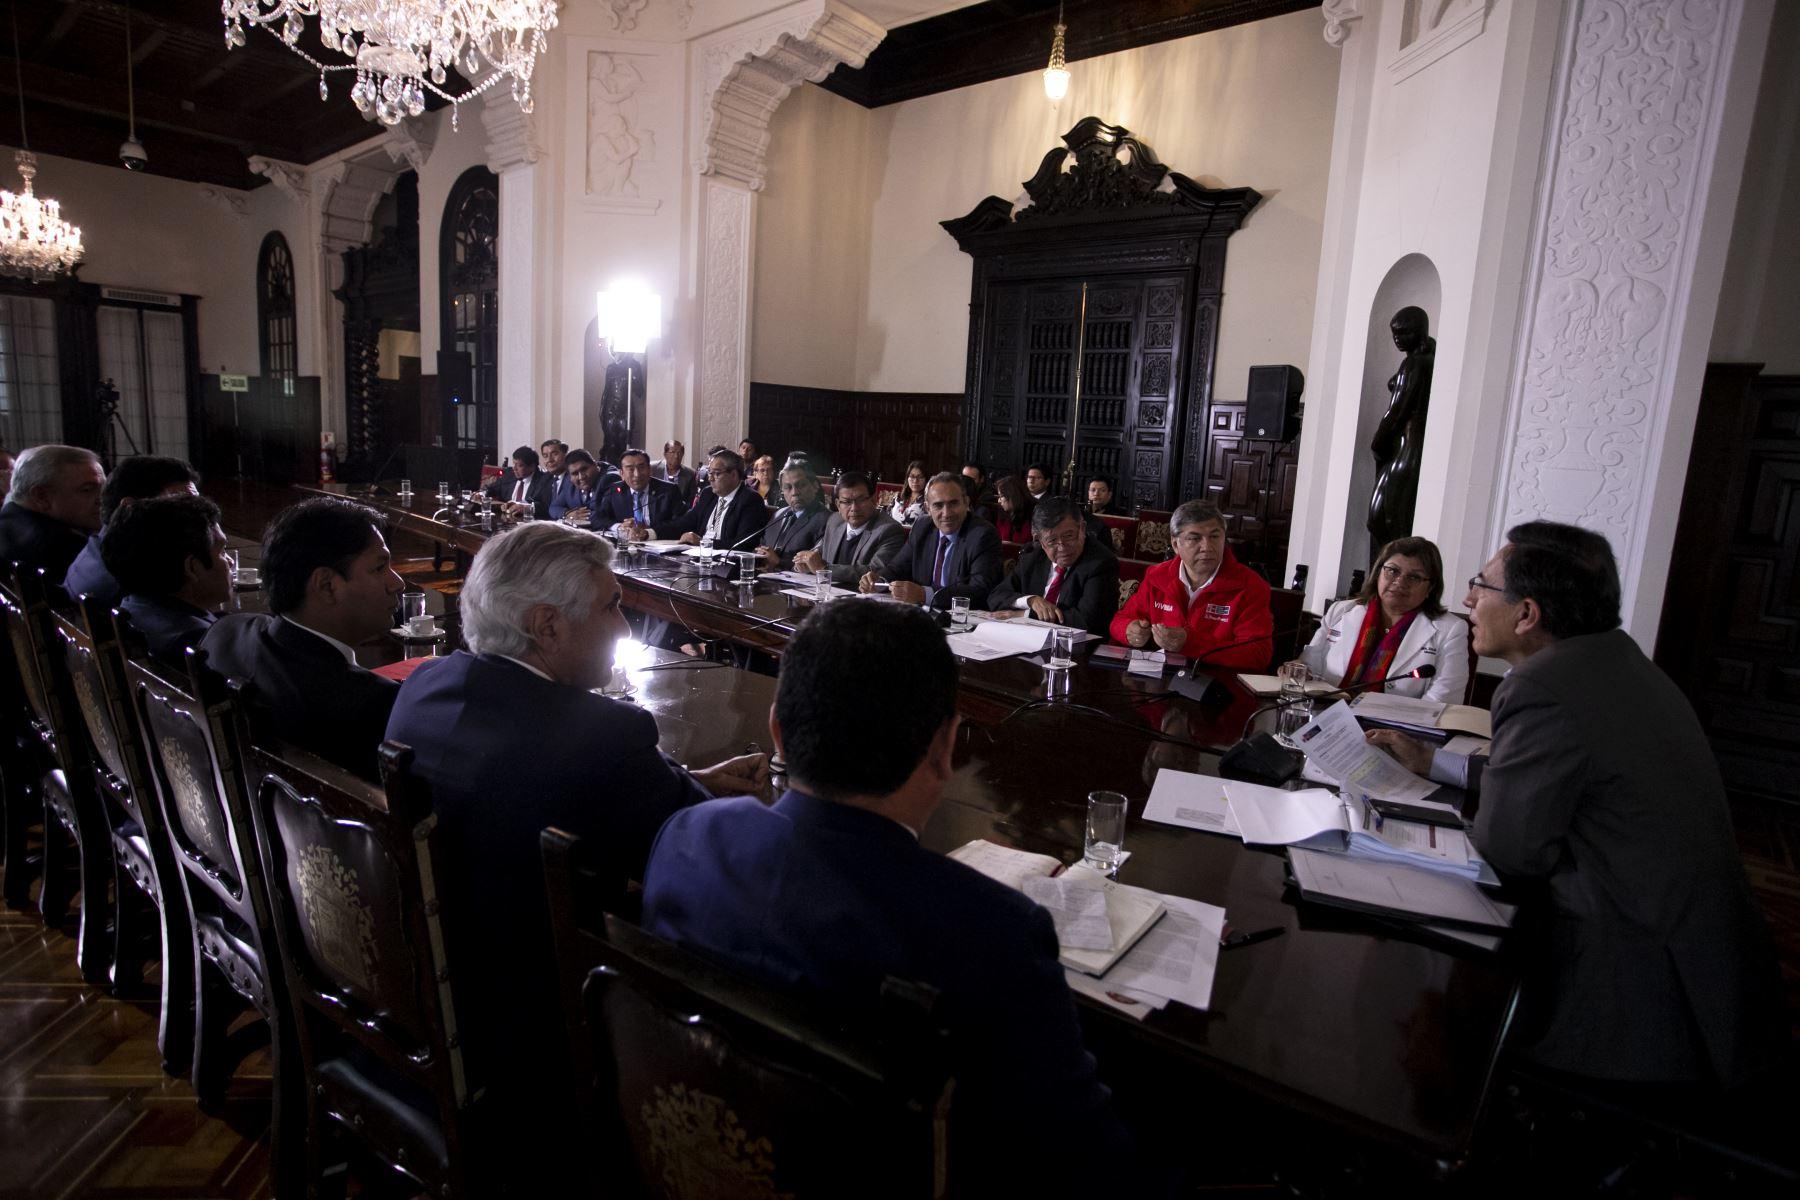 Presidente Martín Vizcarra acompañado por representantes del Ejecutivo, sostiene una reunión con autoridades de Piura para dialogar sobre las distintas prioridades y proyectos de la región.Foto:ANDINA/Prensa Presidencia